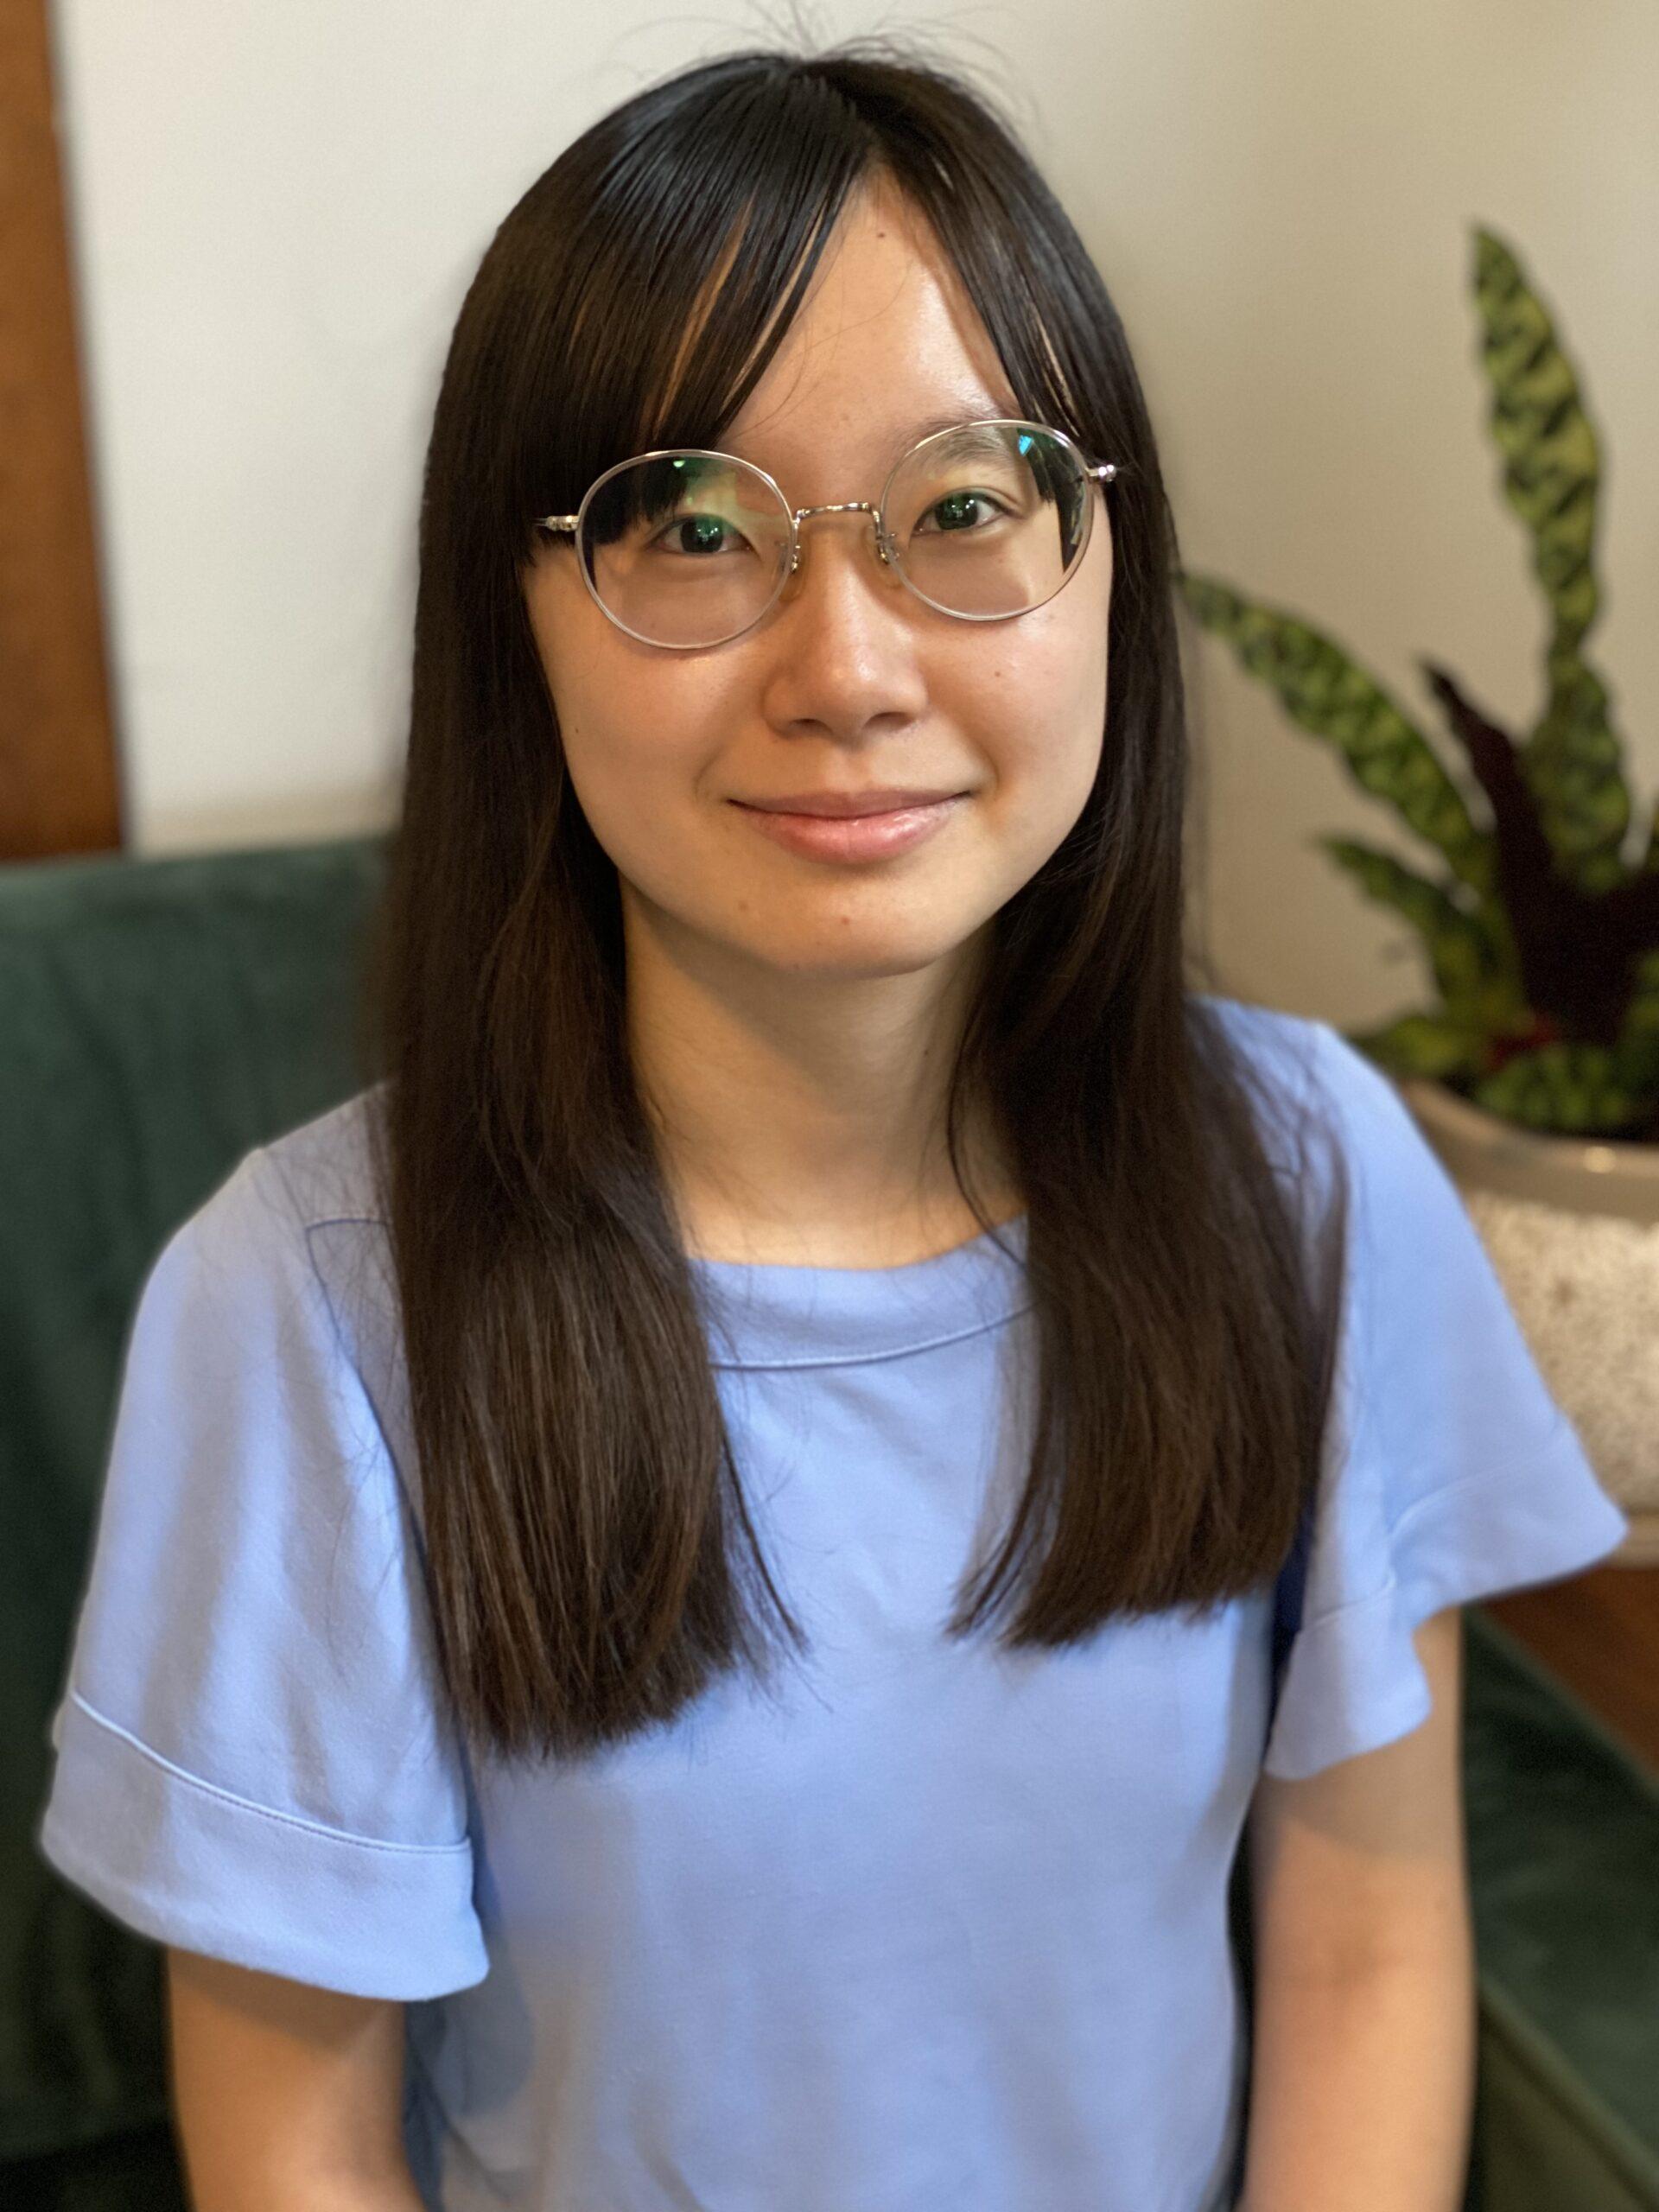 Ching-Yun Chang